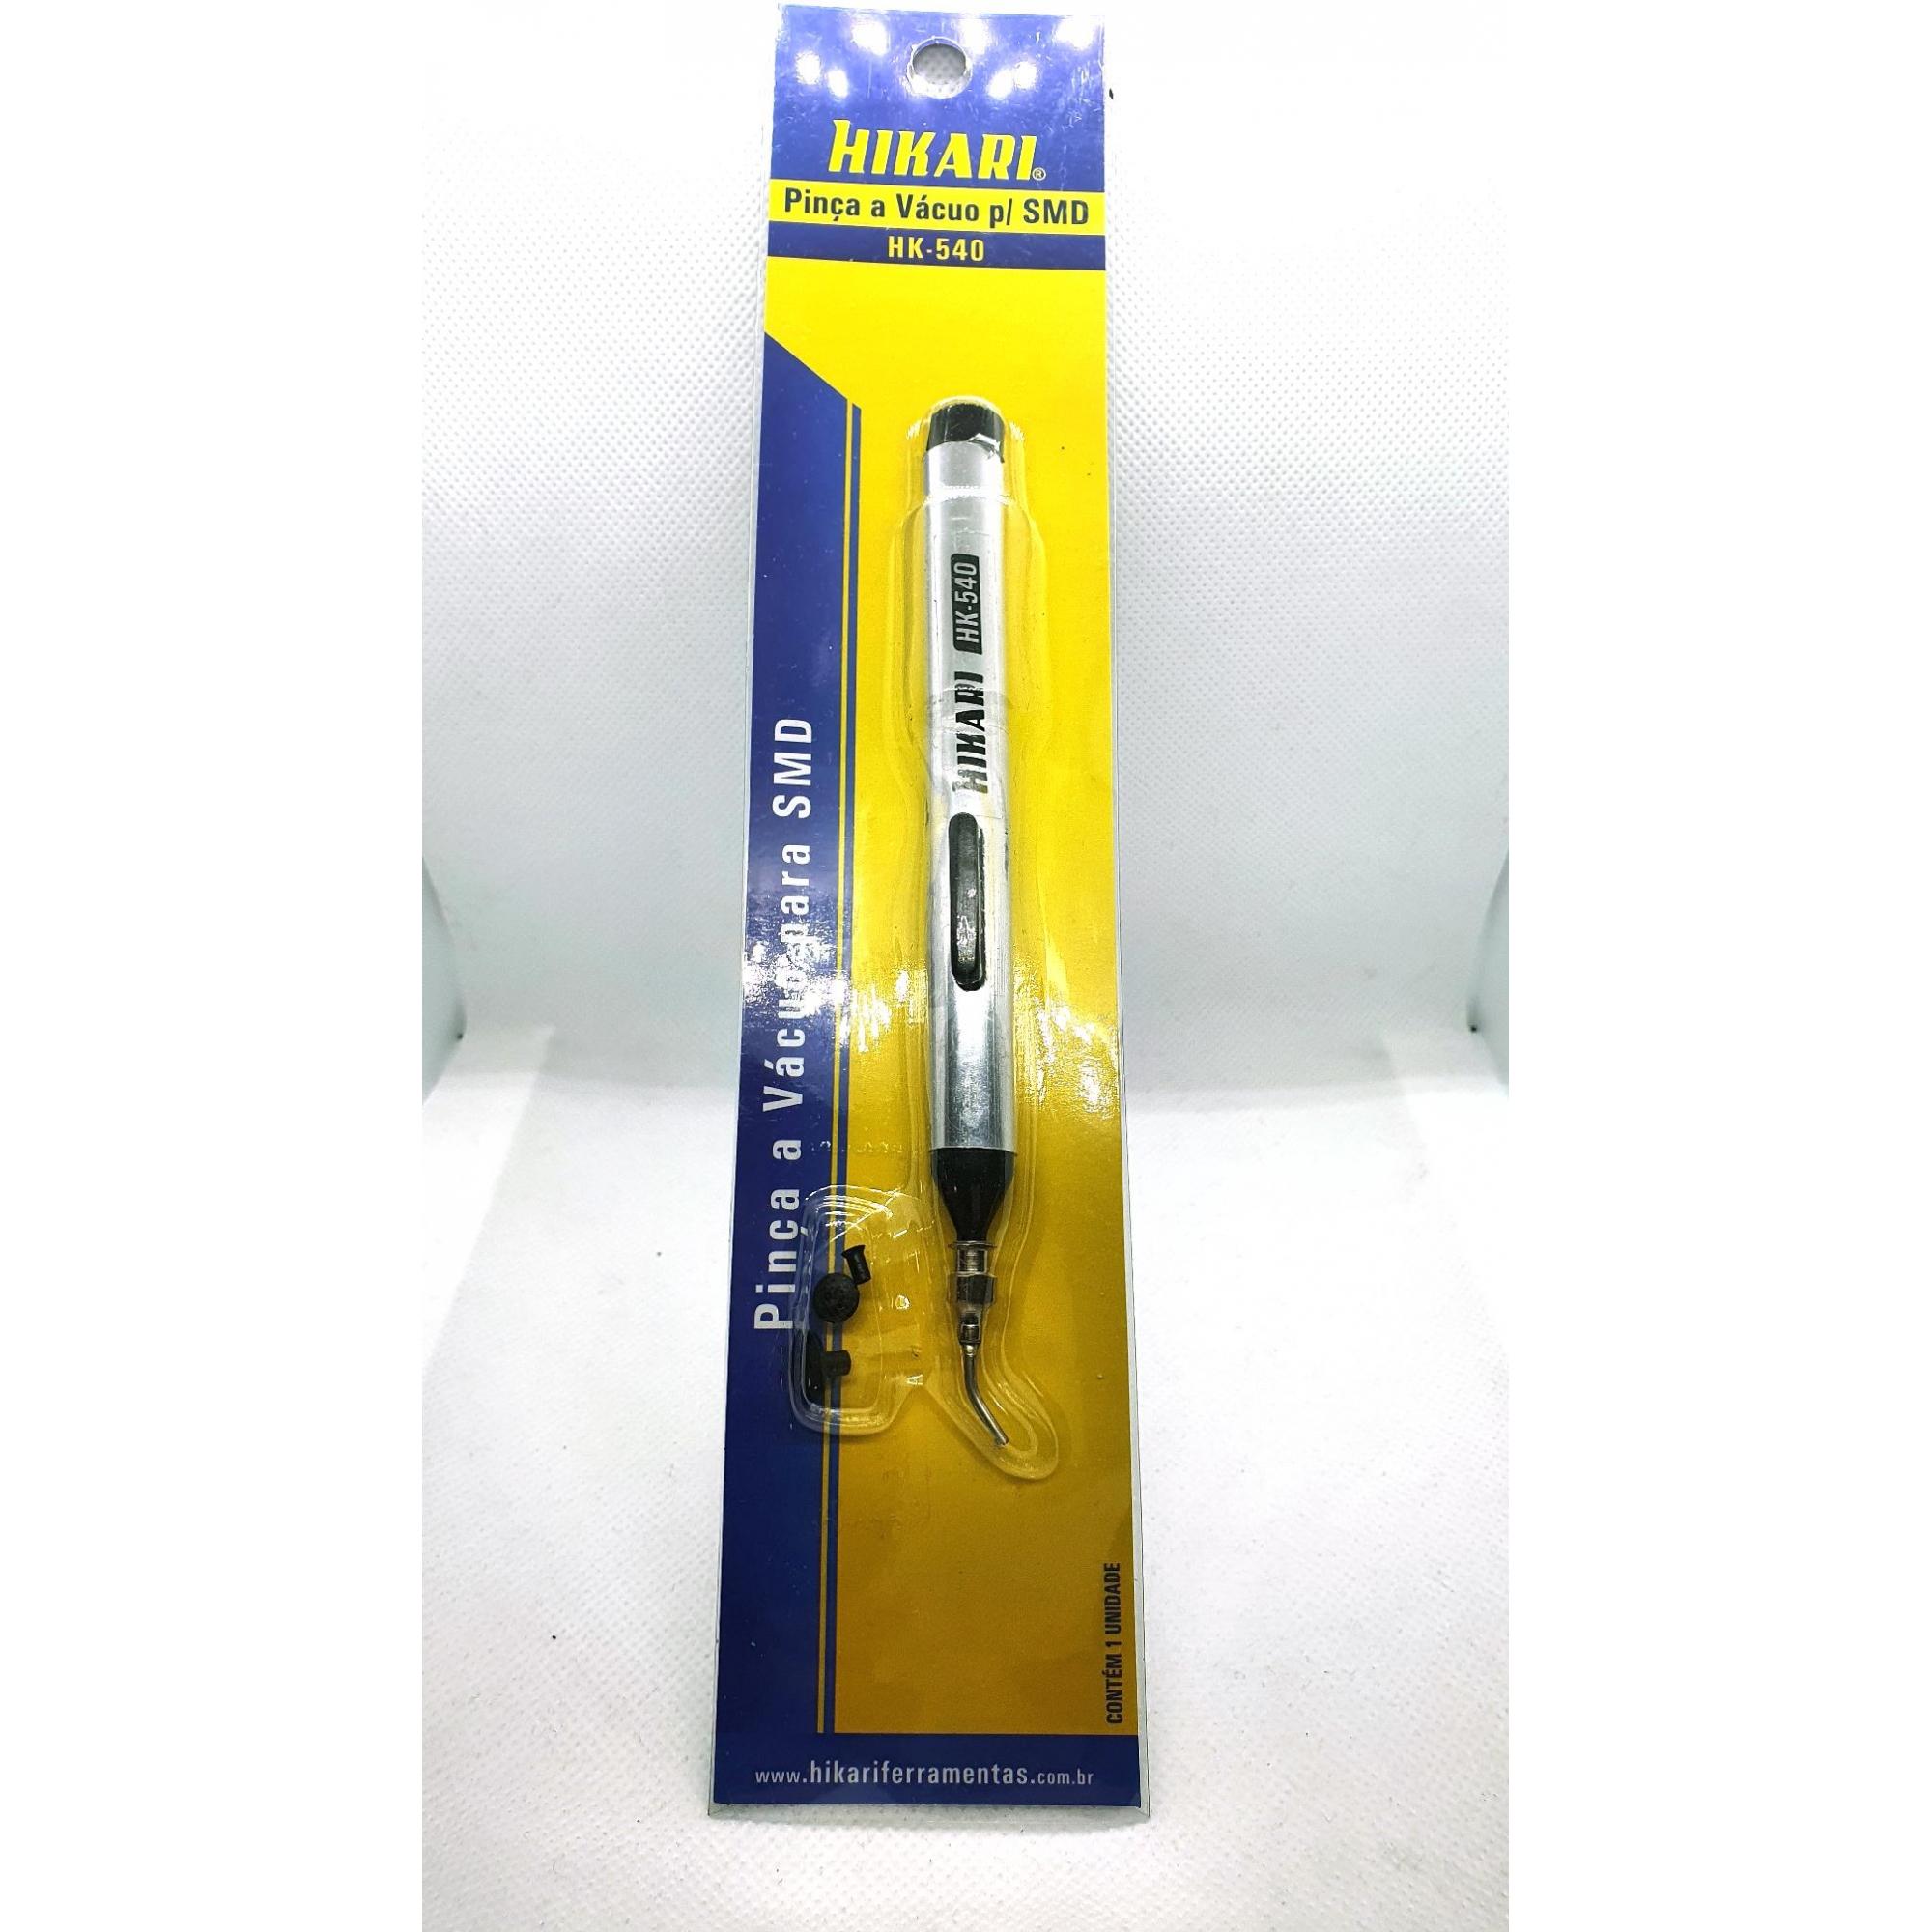 Pinça a Vacuo Mecanica para SMD HK540 Hikari 21I073